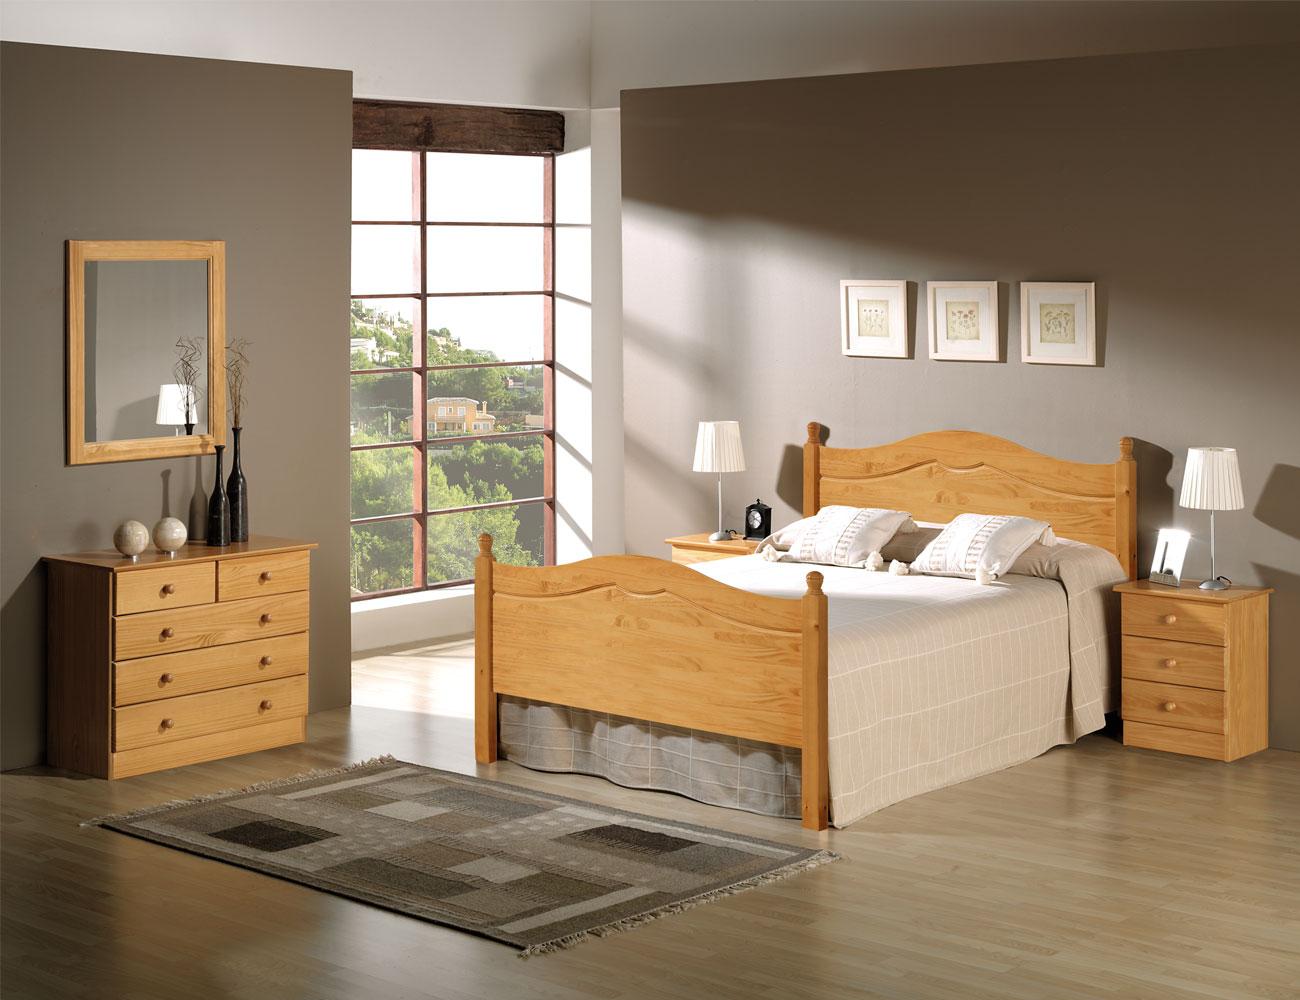 Malaga dormitorio matrimonio madera pino provenzal1